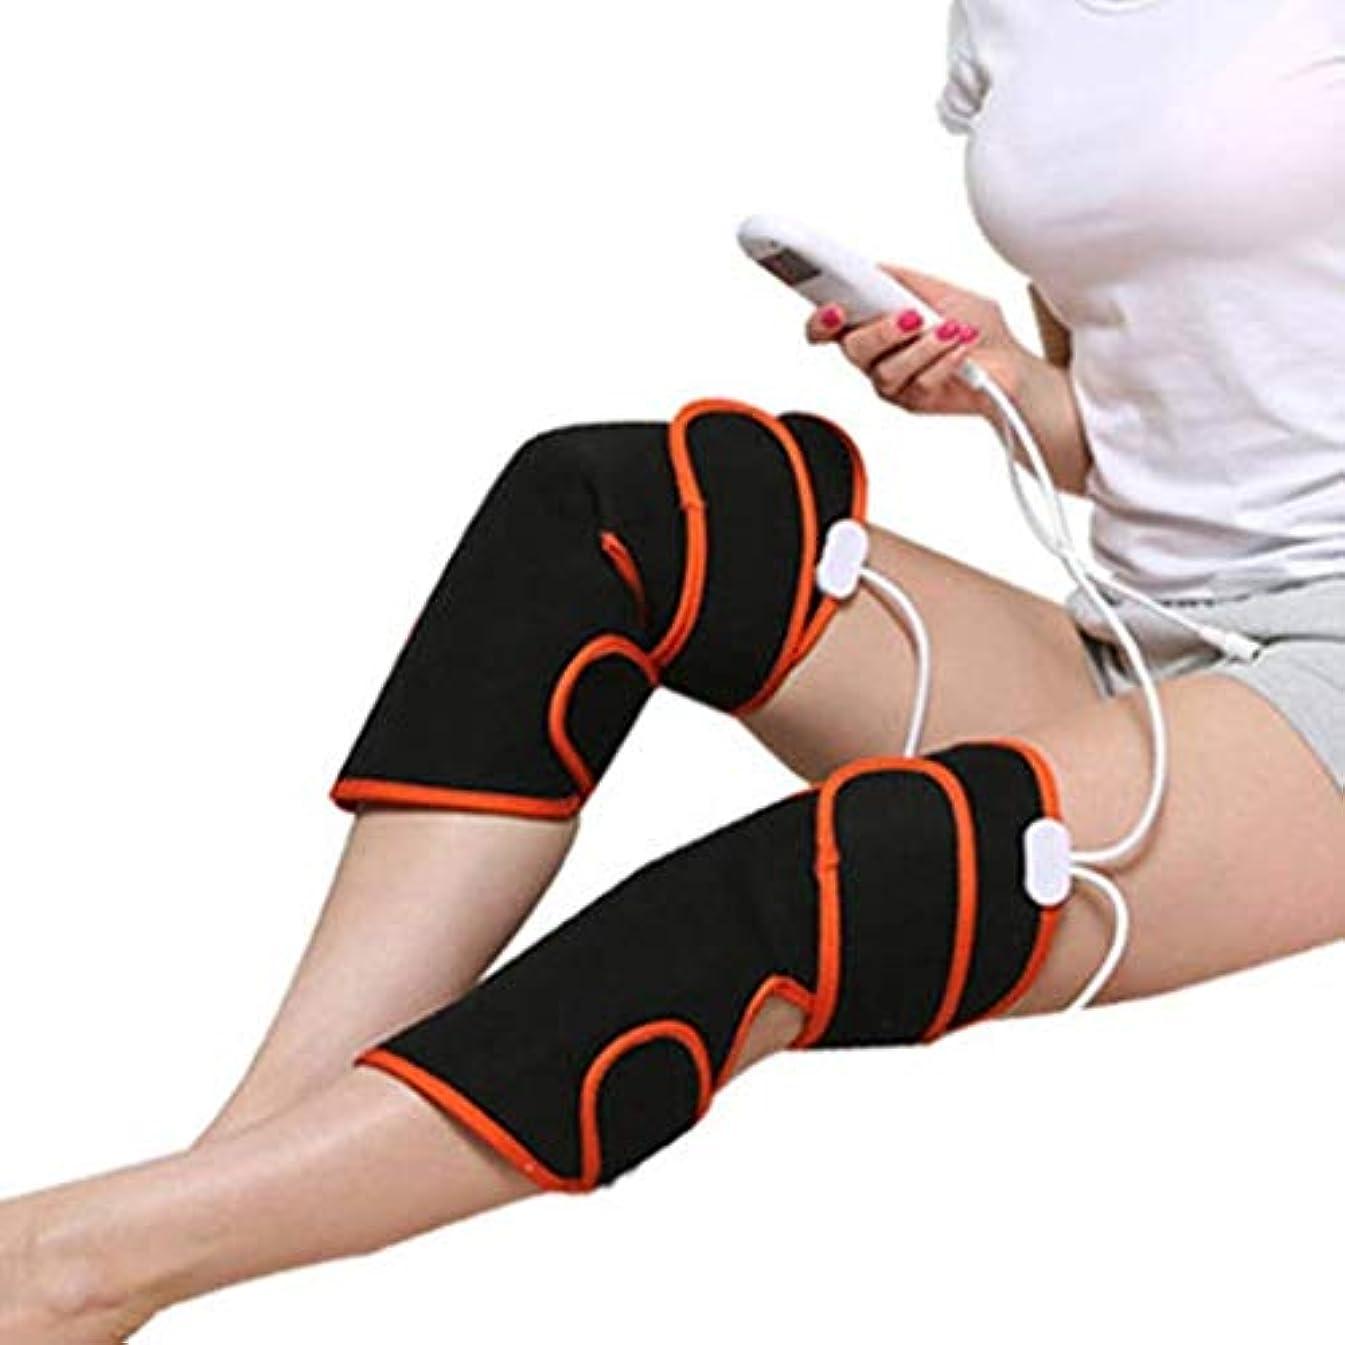 知事面倒カフェ暖房付き膝マッサージャー、電動バイブレーションマッサージャー、膝マッサージャーを定期的に加熱できます、筋肉の痛みを緩和するモード、9モード、冷たい脚、骨過形成患者、術後リハビリ